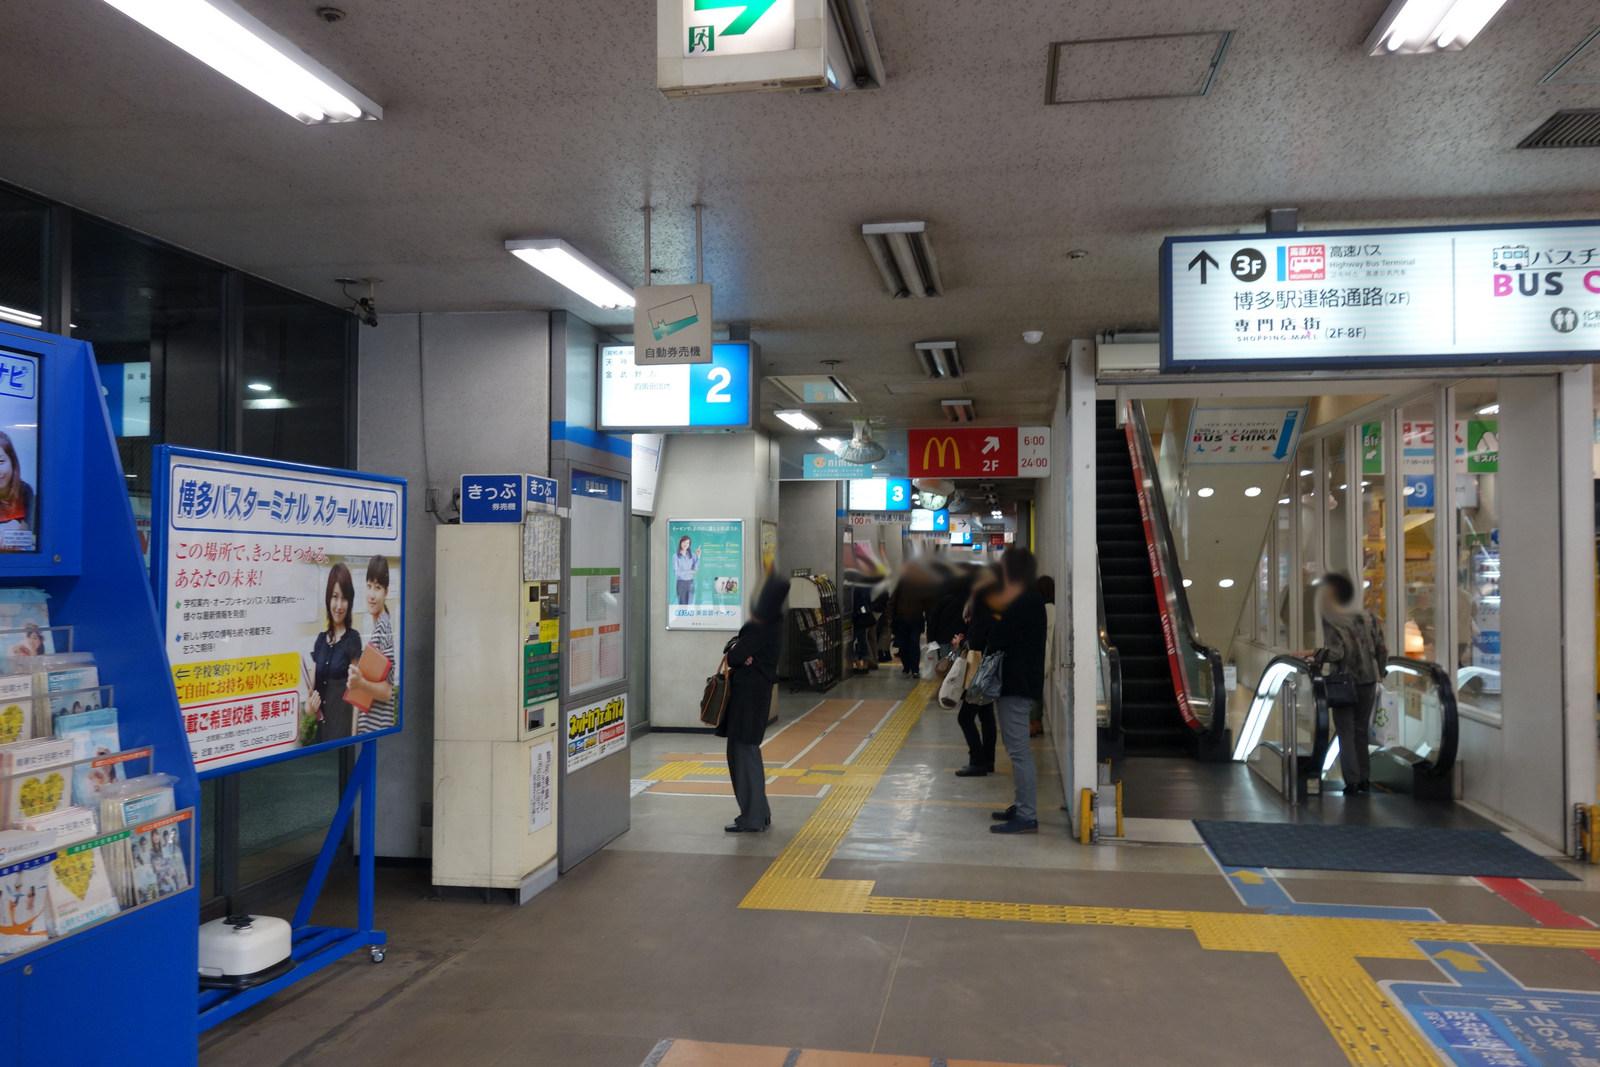 建物の中に入ると乗り場がたくさんあるのですが、5番か6番の乗り場から乗ります。